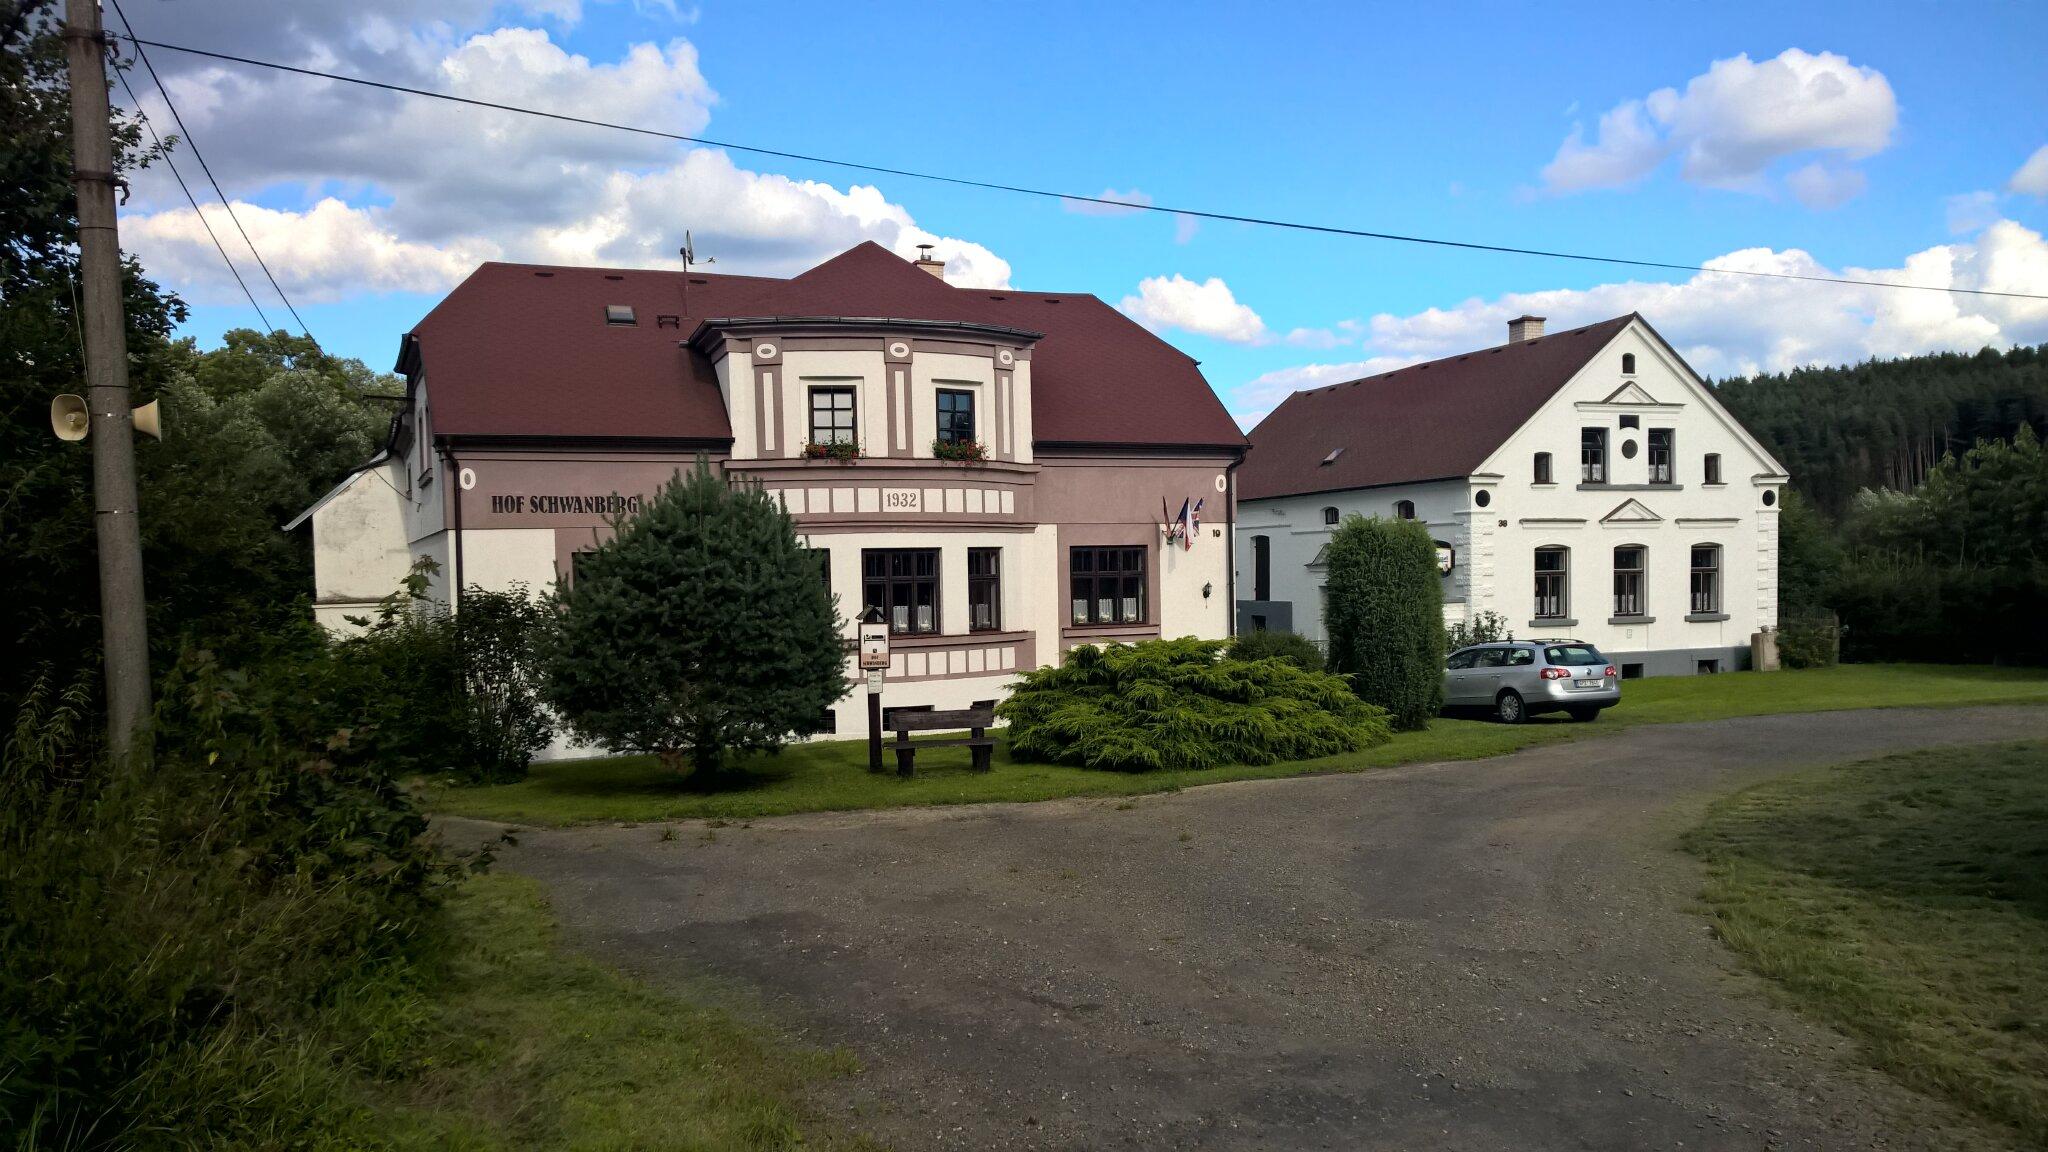 Detailbild von Ferienwohnung & Ferienhaus Hof Schwanberg